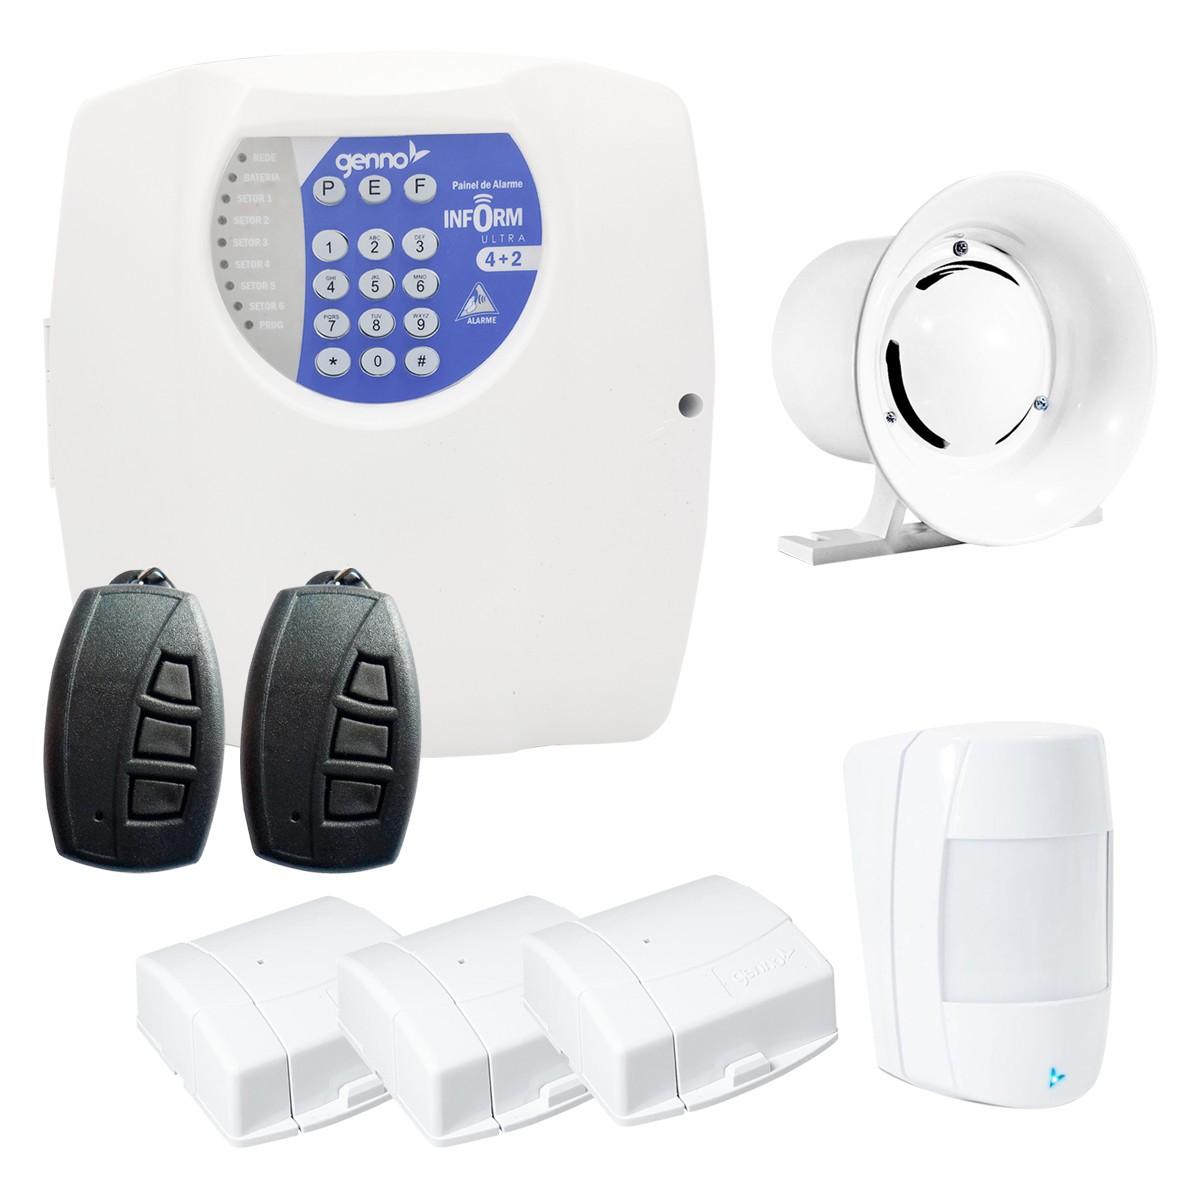 kit-central-de-alarme-residencial-e-comercial-com-04-sensores-genno-nice-controle-remoto-aviso-de-disparo-por-telefone-fixo